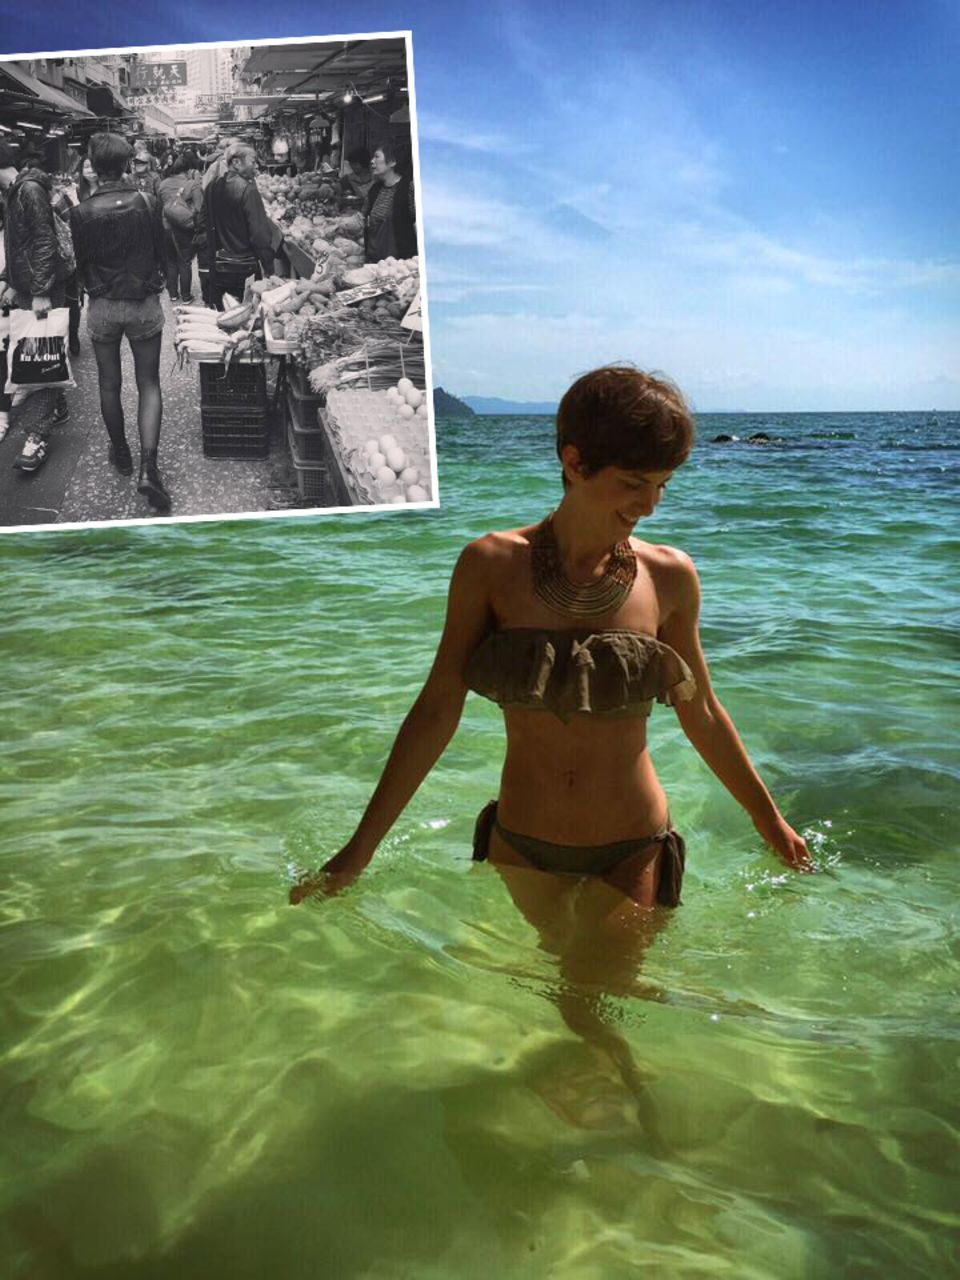 Die Schauspielerin Isabell Horn flüchtet vor Weihnachten samt Silvester und gönnt sich eine Auszeit in Thailand. Sie geht lieber im warmen Meer baden oder streunt über die Märkte.